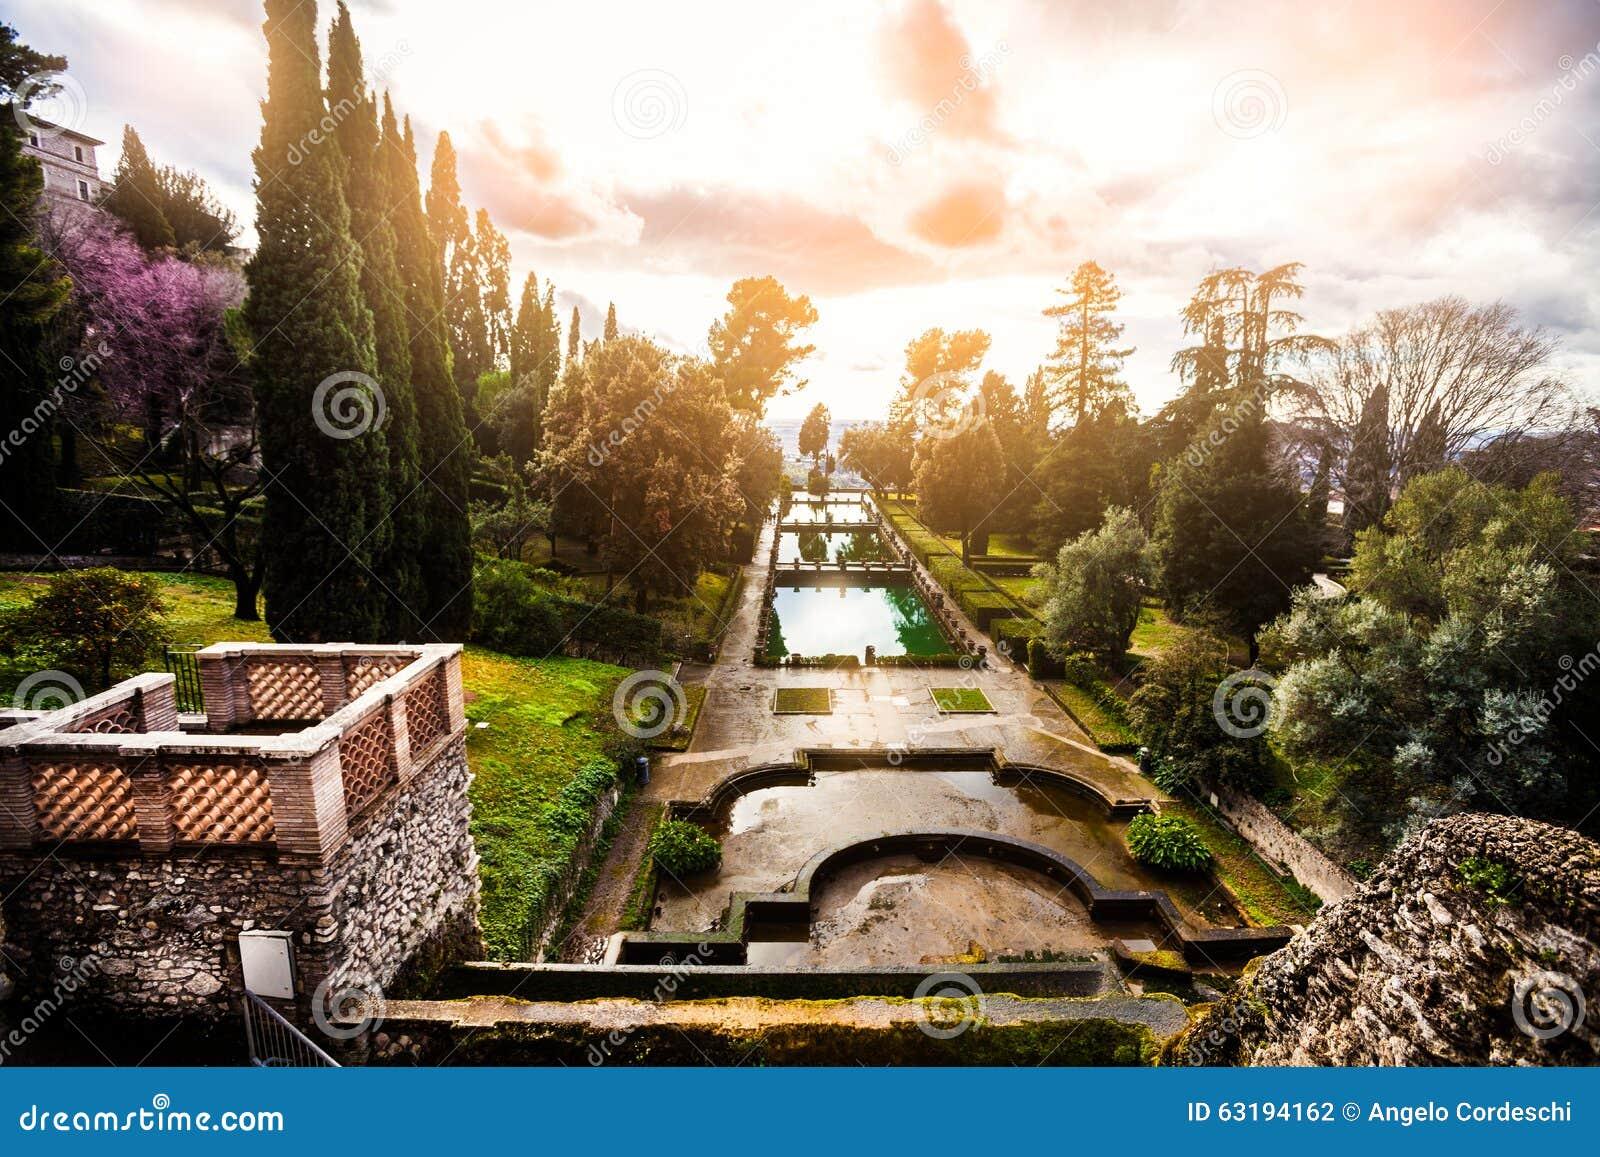 paysage fabuleux jardins et fontaines jardin italien de la renaissance italie photo stock. Black Bedroom Furniture Sets. Home Design Ideas